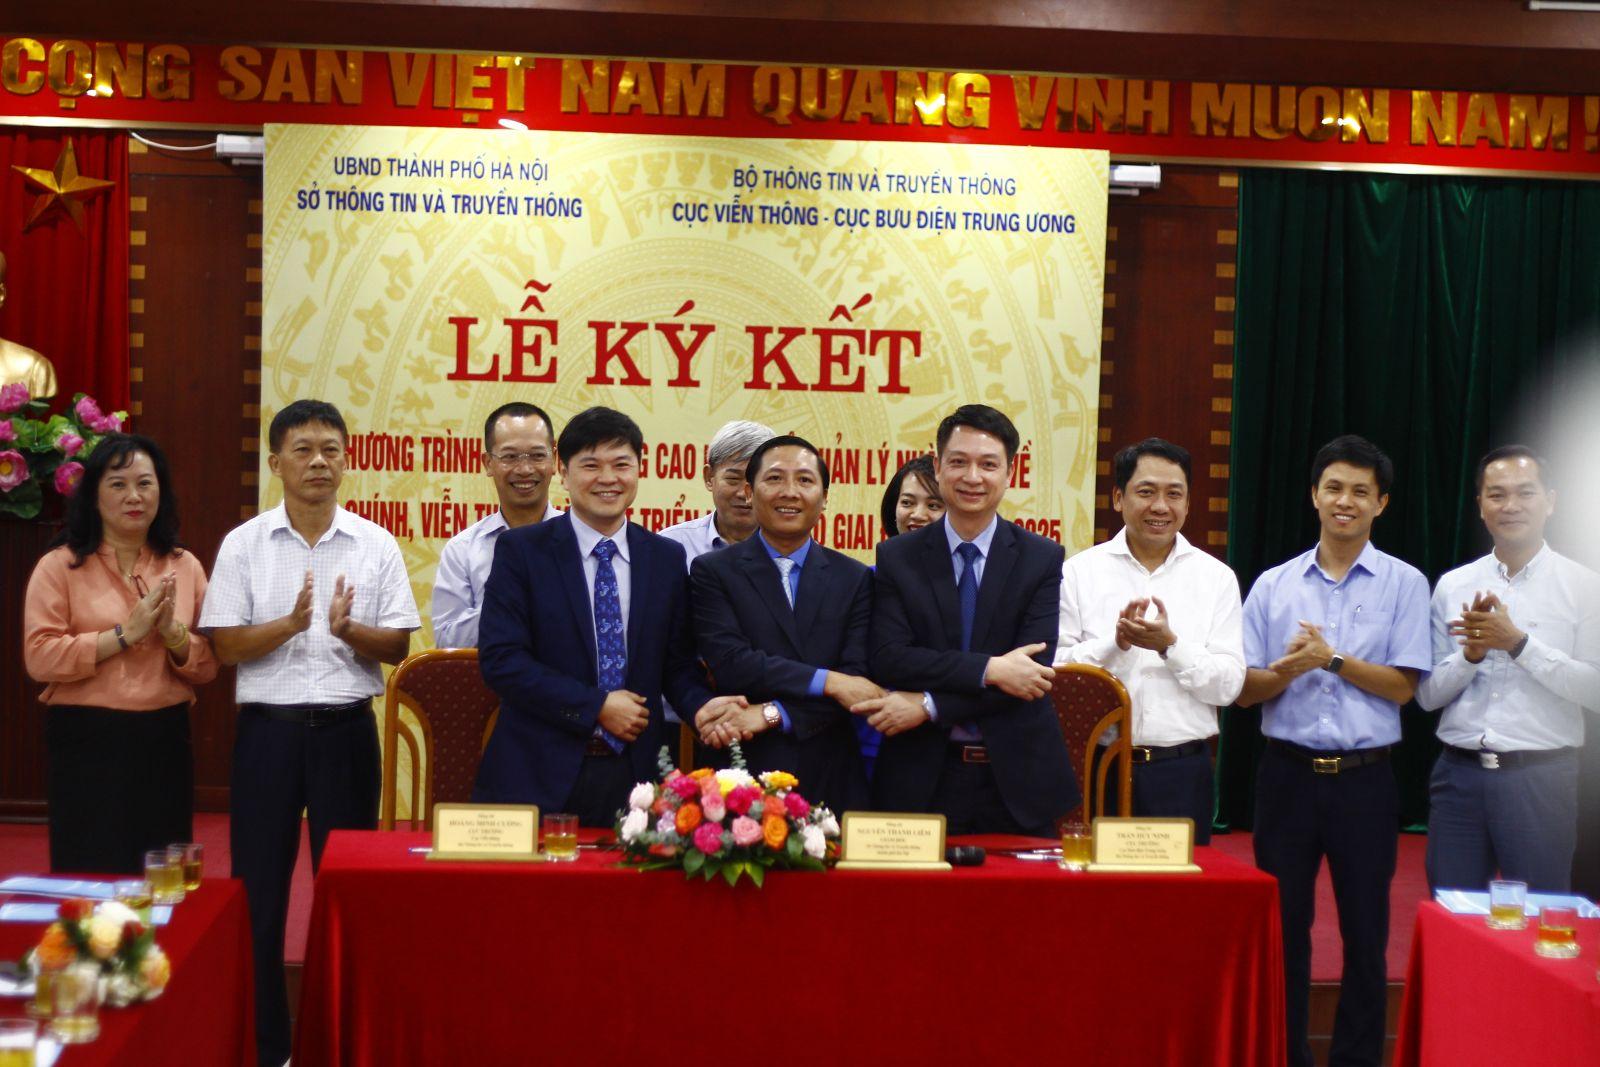 Cục Bưu điện Trung ương và Sở Thông tin và Truyền thông Thành phố Hà Nội phối hợp trong công tác tham mưu, thúc đẩy phát triển lĩnh vực Bưu chính, Viễn thông phục vụ cơ quan Đảng, Nhà nước trên địa bàn Thành phố Hà Nội